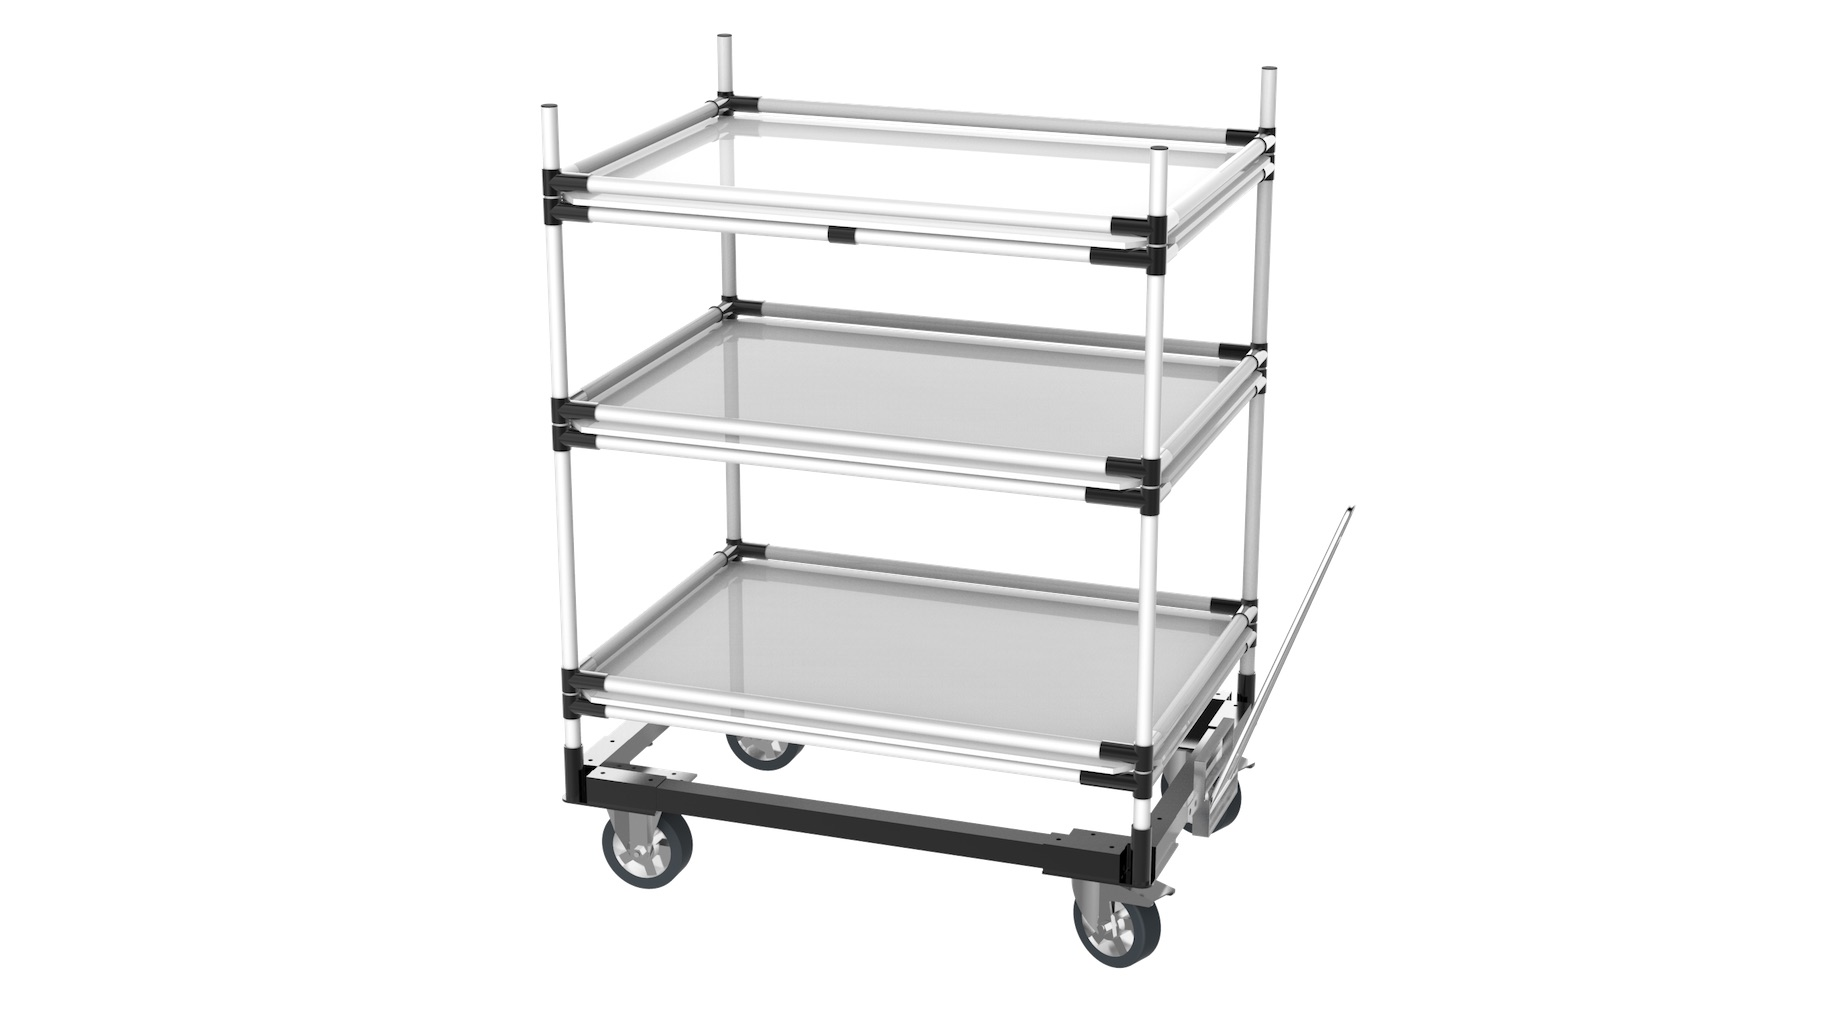 Automobile - Chariot tracté type étagère, pour l'approvisionnement et le stockage en bord de ligne d'assemblage. Composé de 3 niveaux avec plaque et barres antichute.